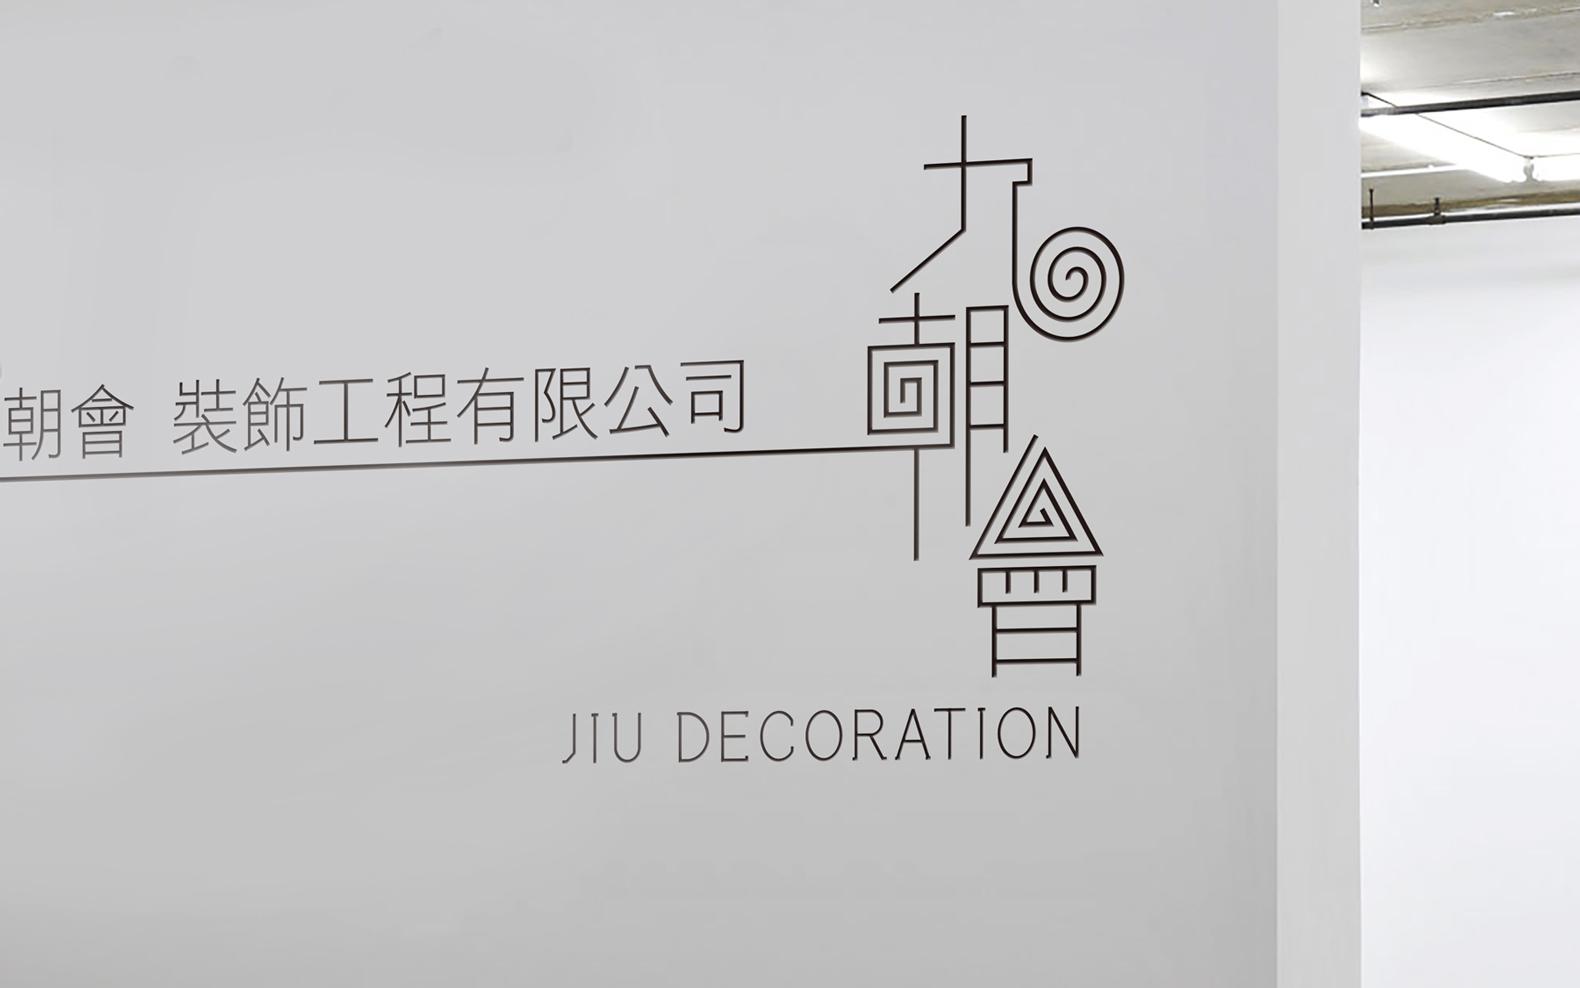 ontata_jiu-decoration_05